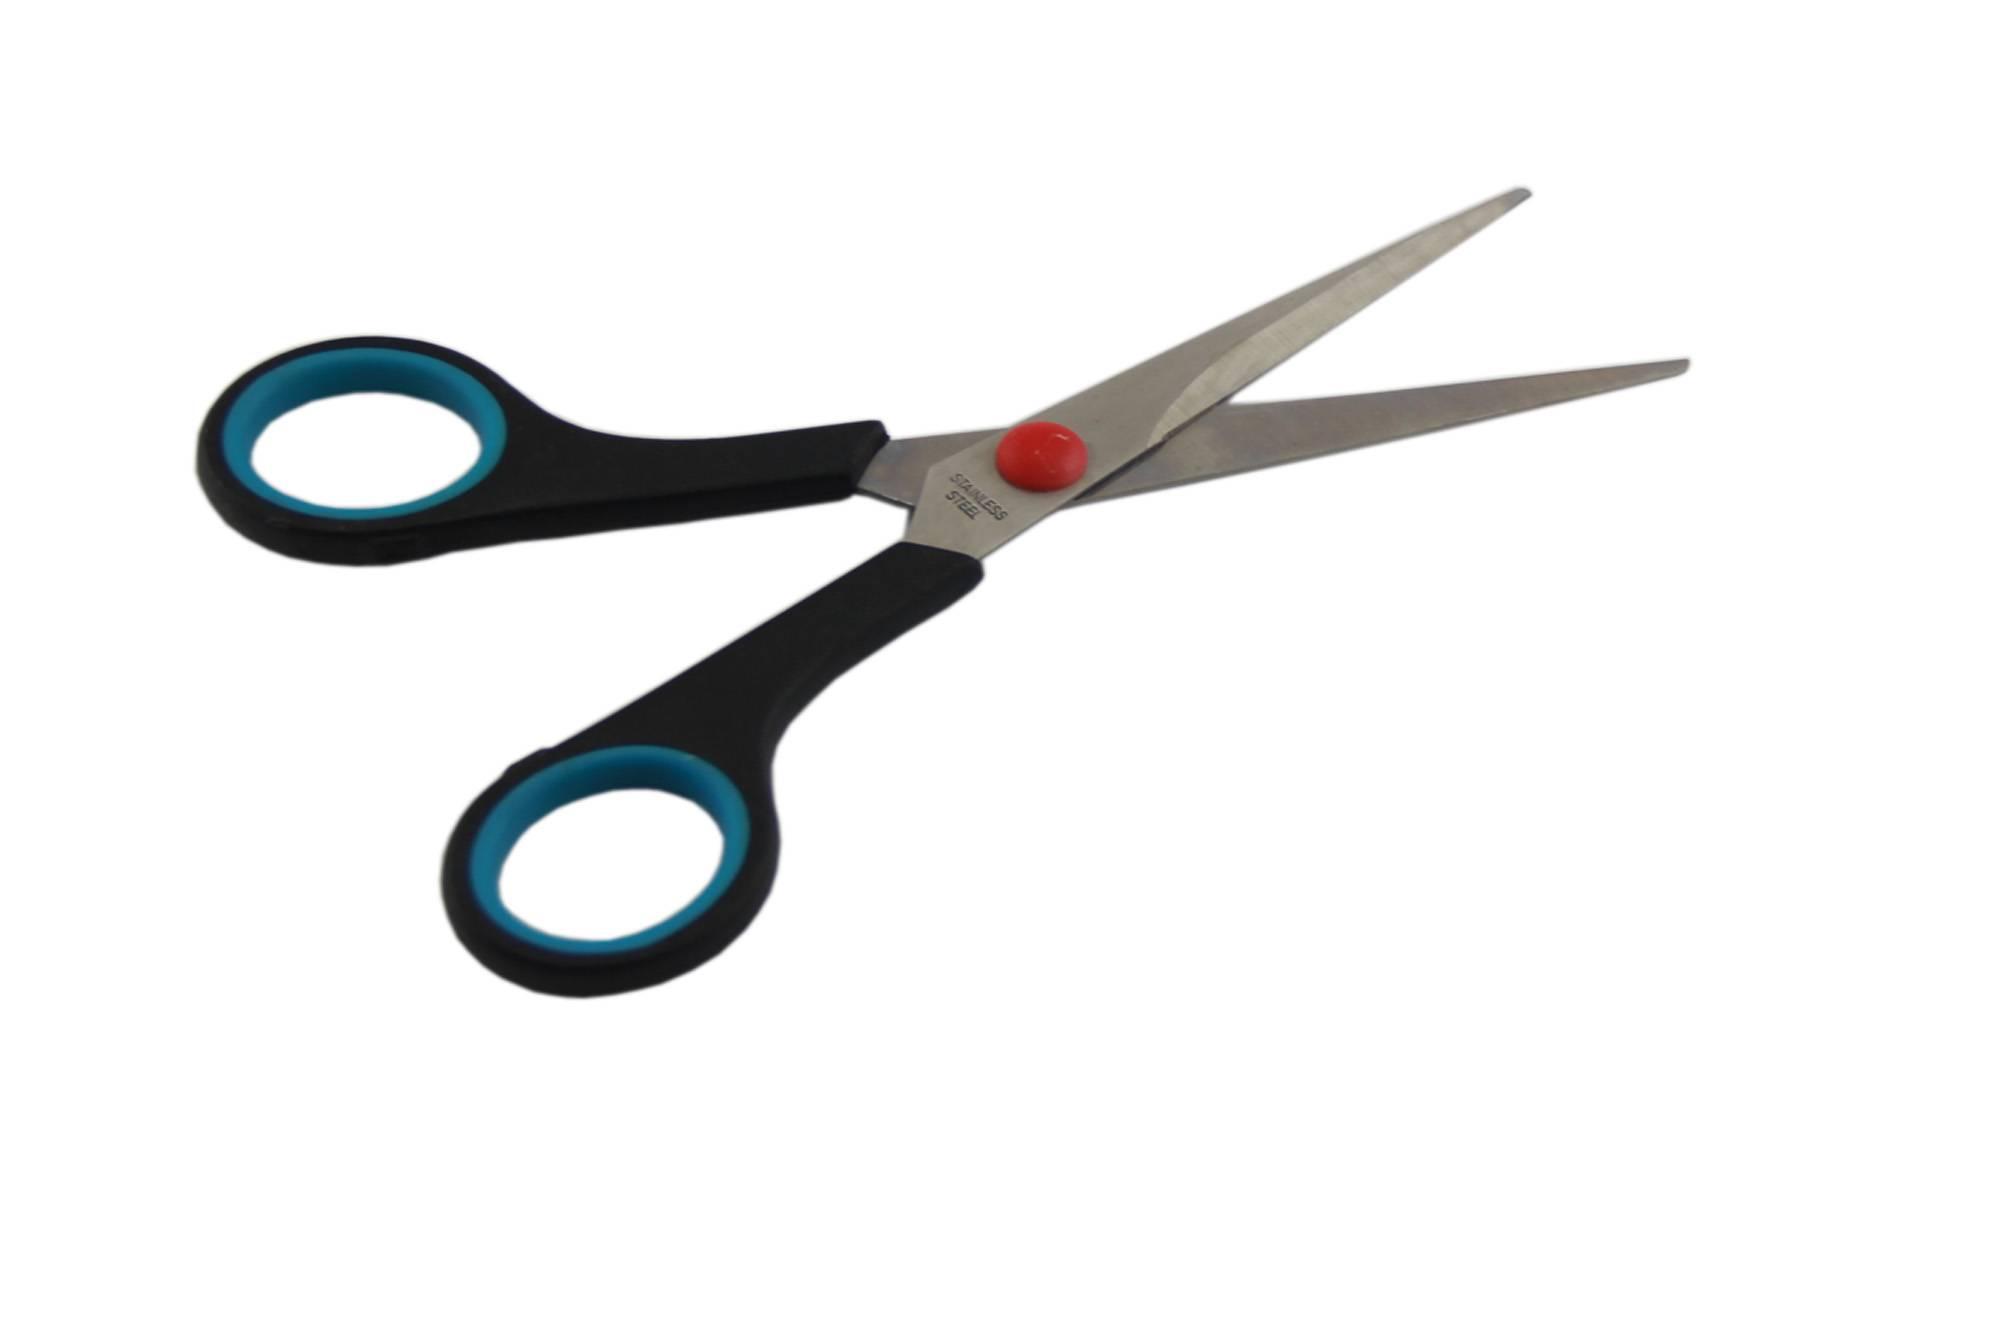 school scissors ,paper scissors,cutting scissors